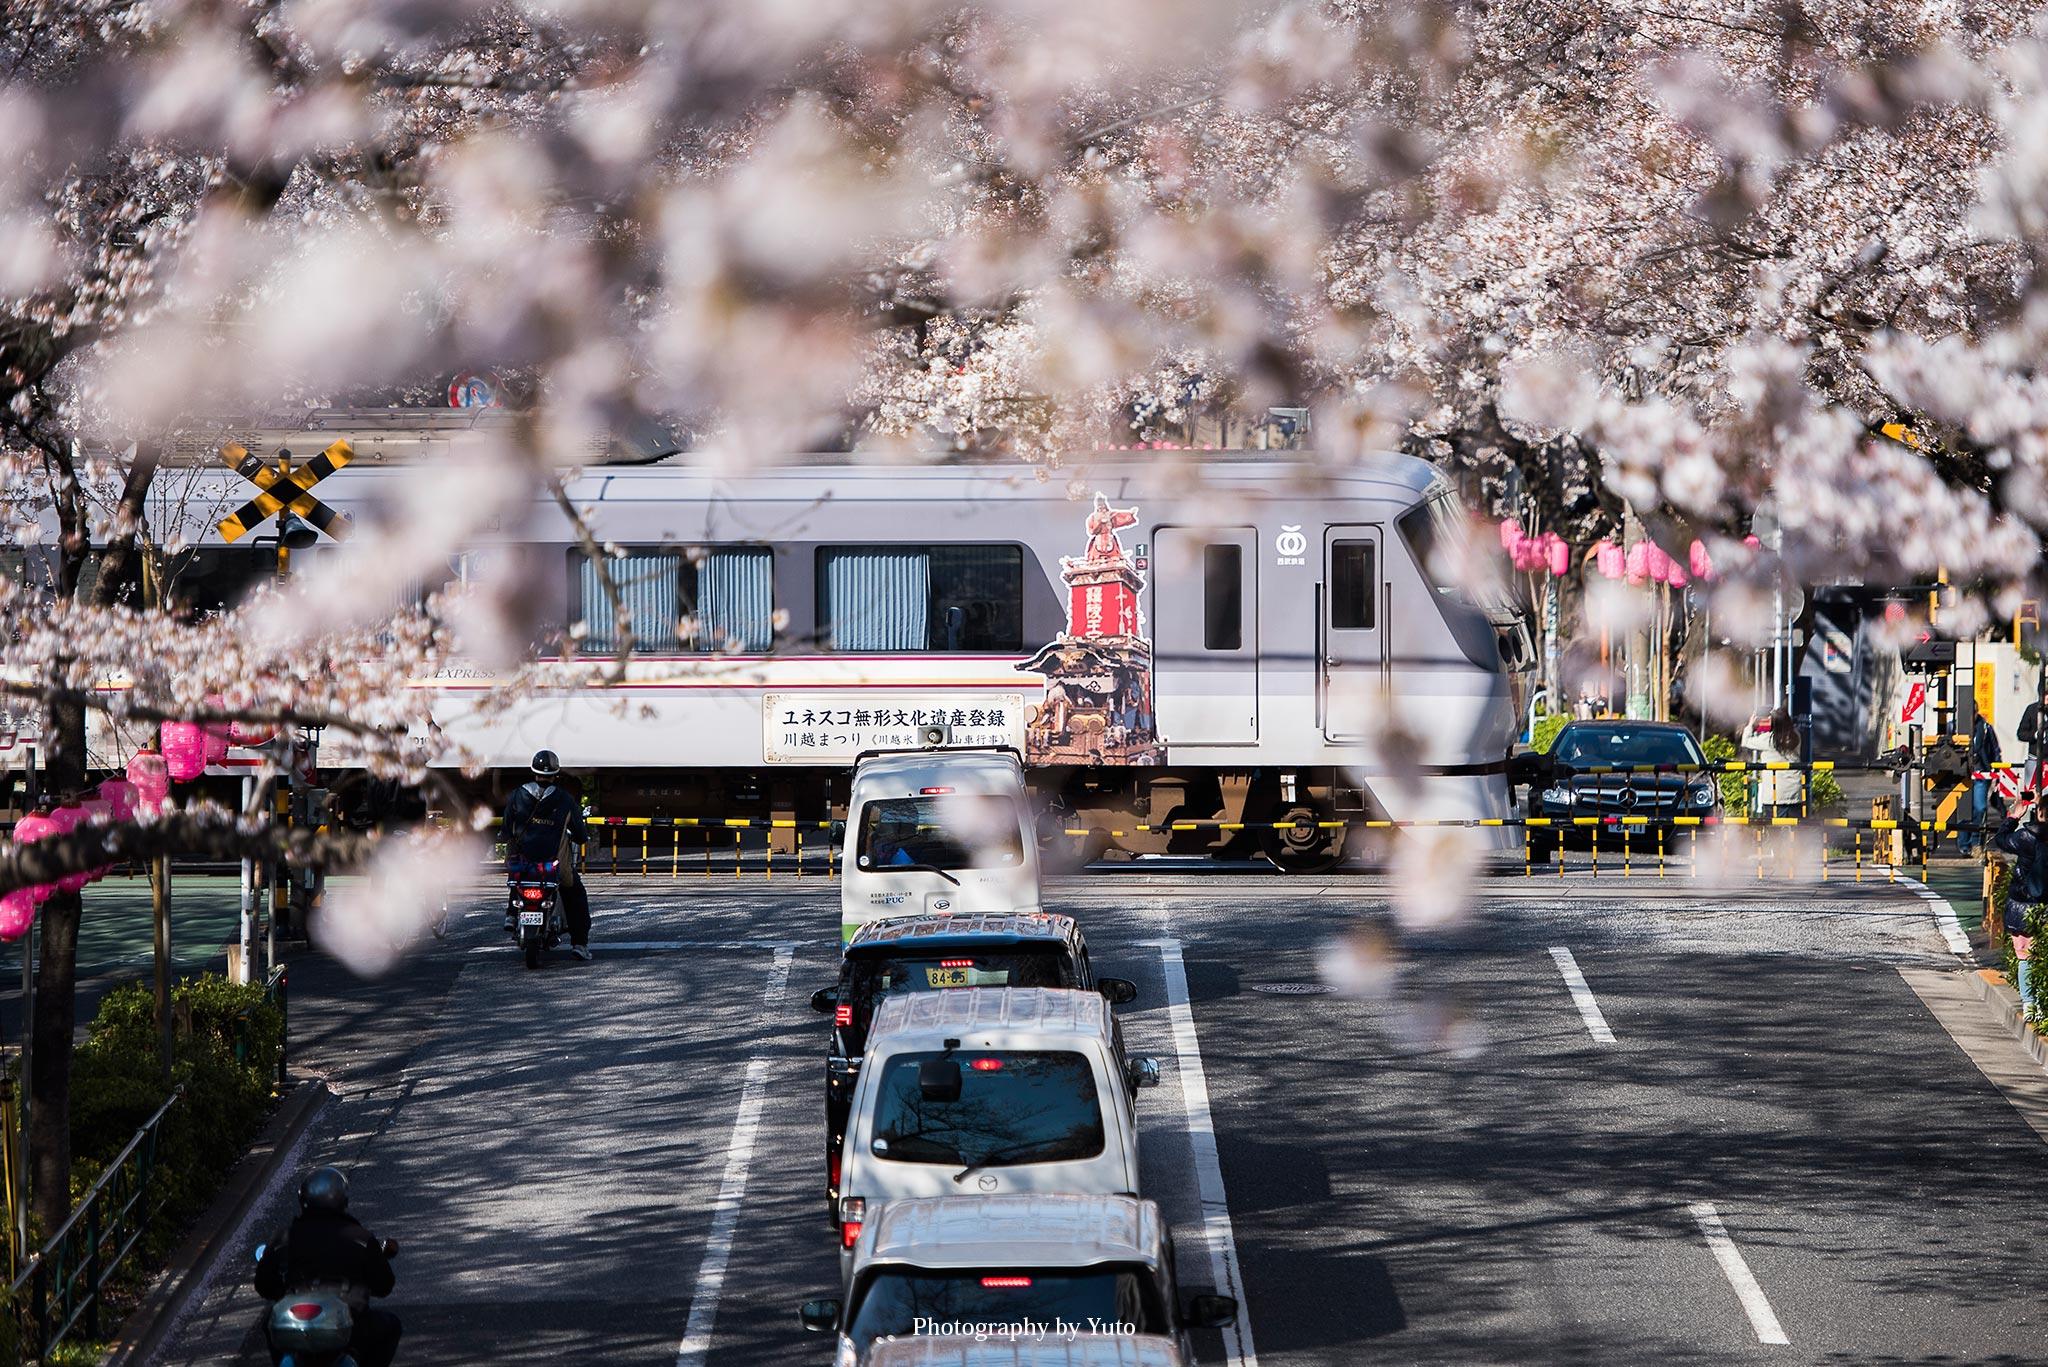 東京の桜 中野通りの桜並木 新井薬師公園前2号踏切 通過する西武線と桜のコラボが綺麗